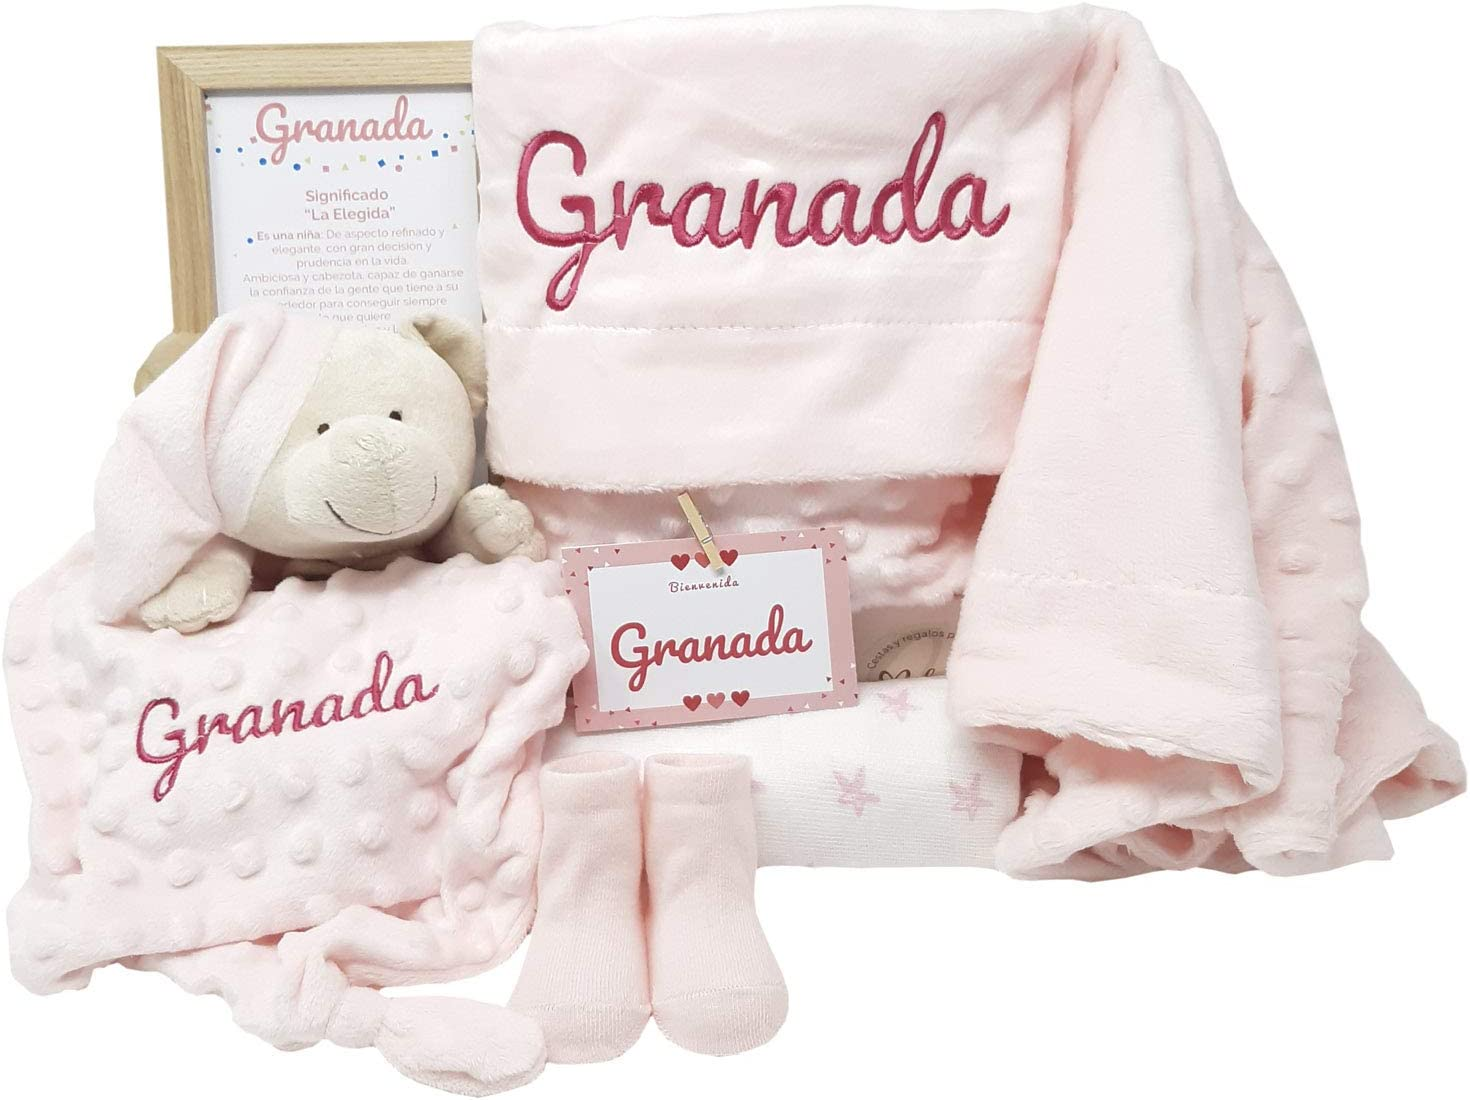 MabyBox True Colors | Canastilla bebe | Regalo Babyshower | Canastilla Bebé Recien nacido Personalizada (Rosa)